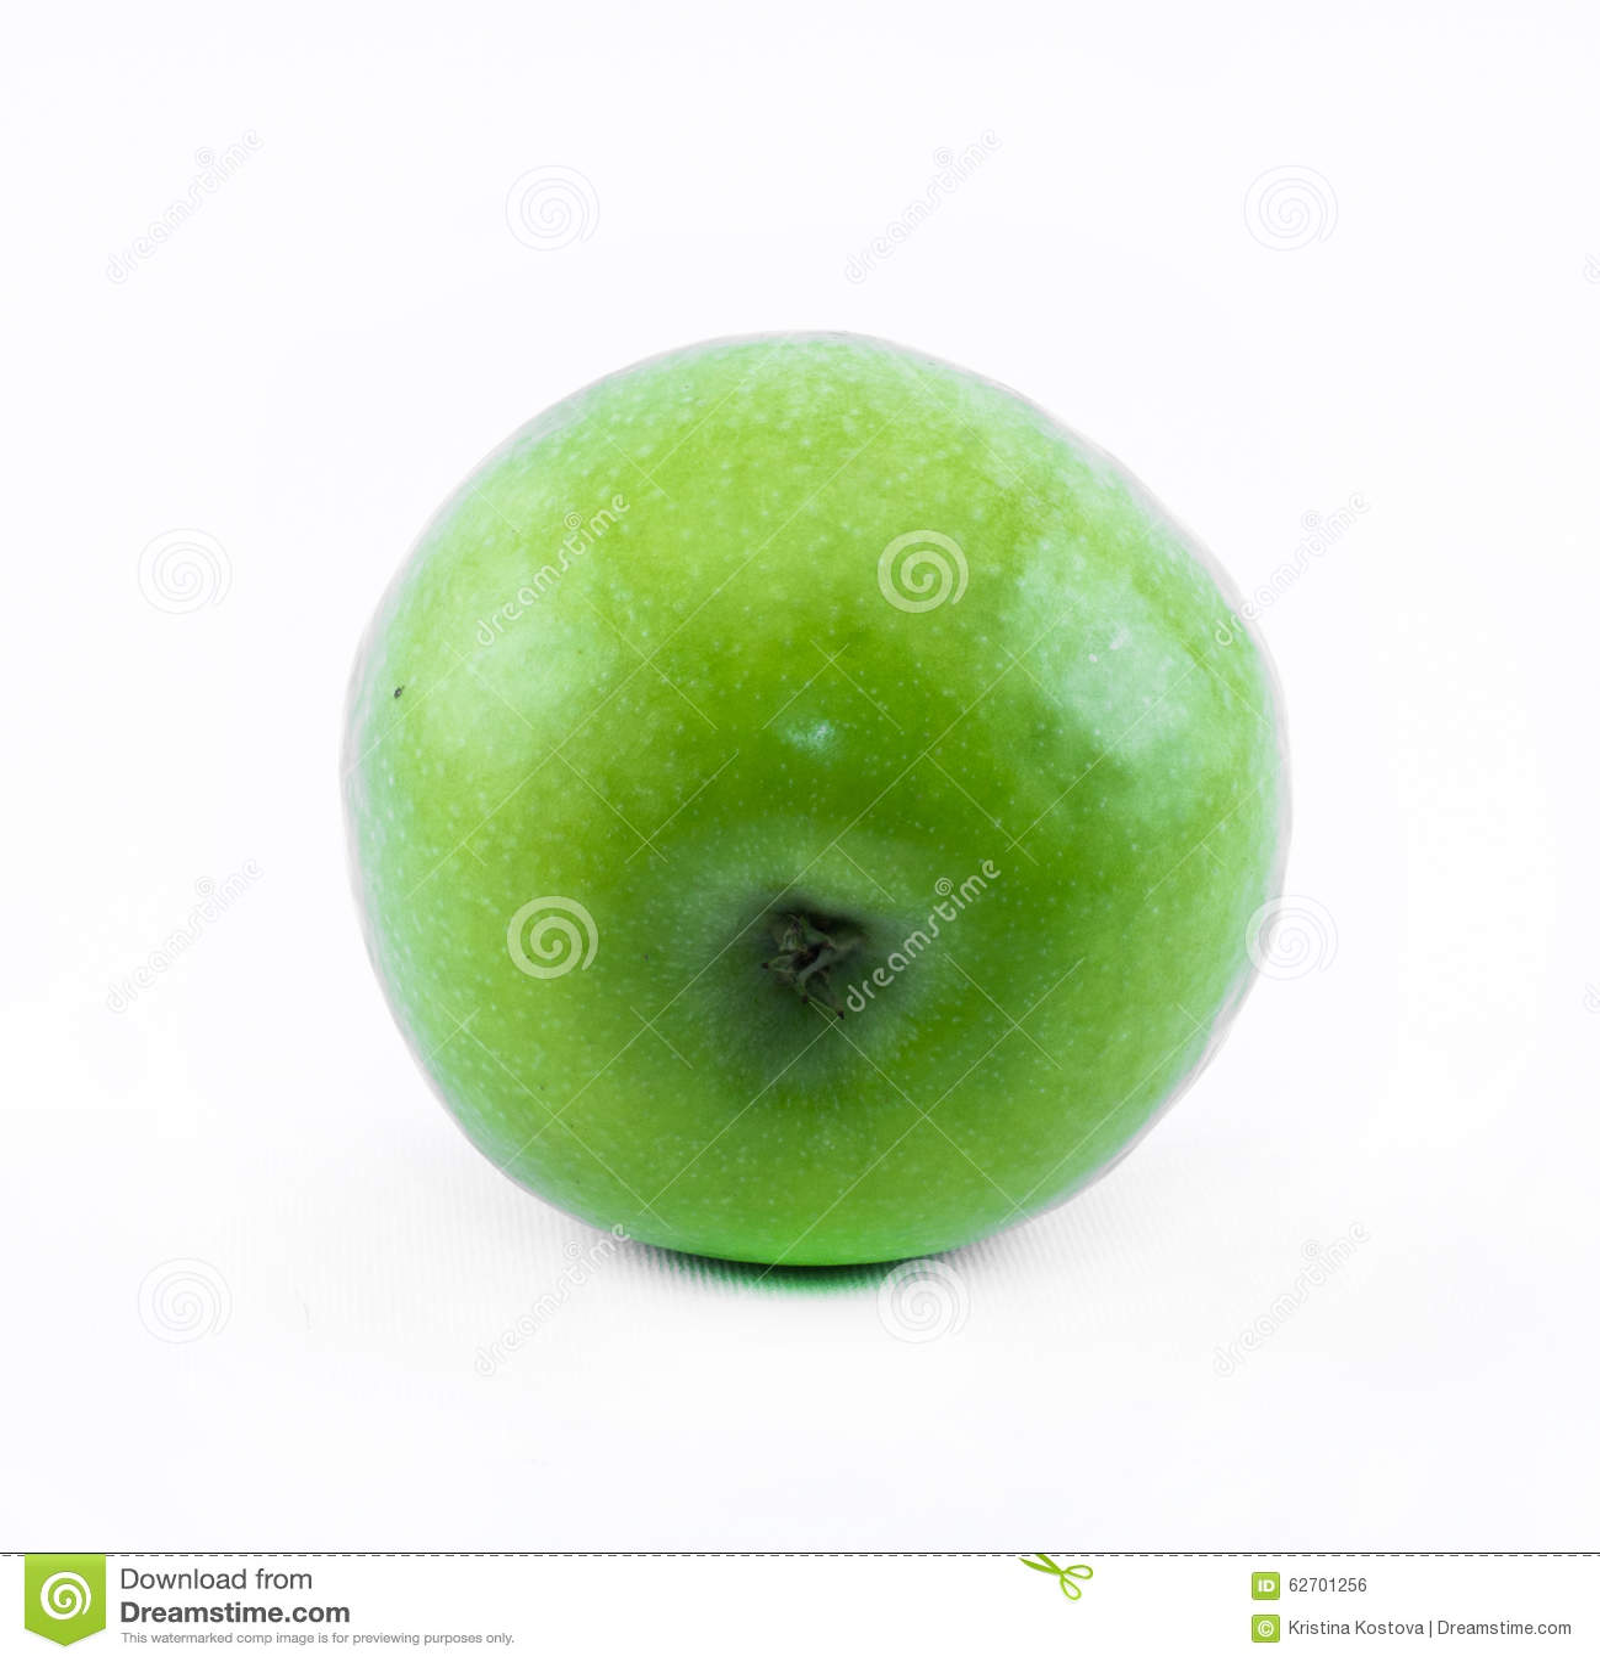 Πράσινο μήλο σε ένα άσπρο υπόβαθρο - πλάγια όψη